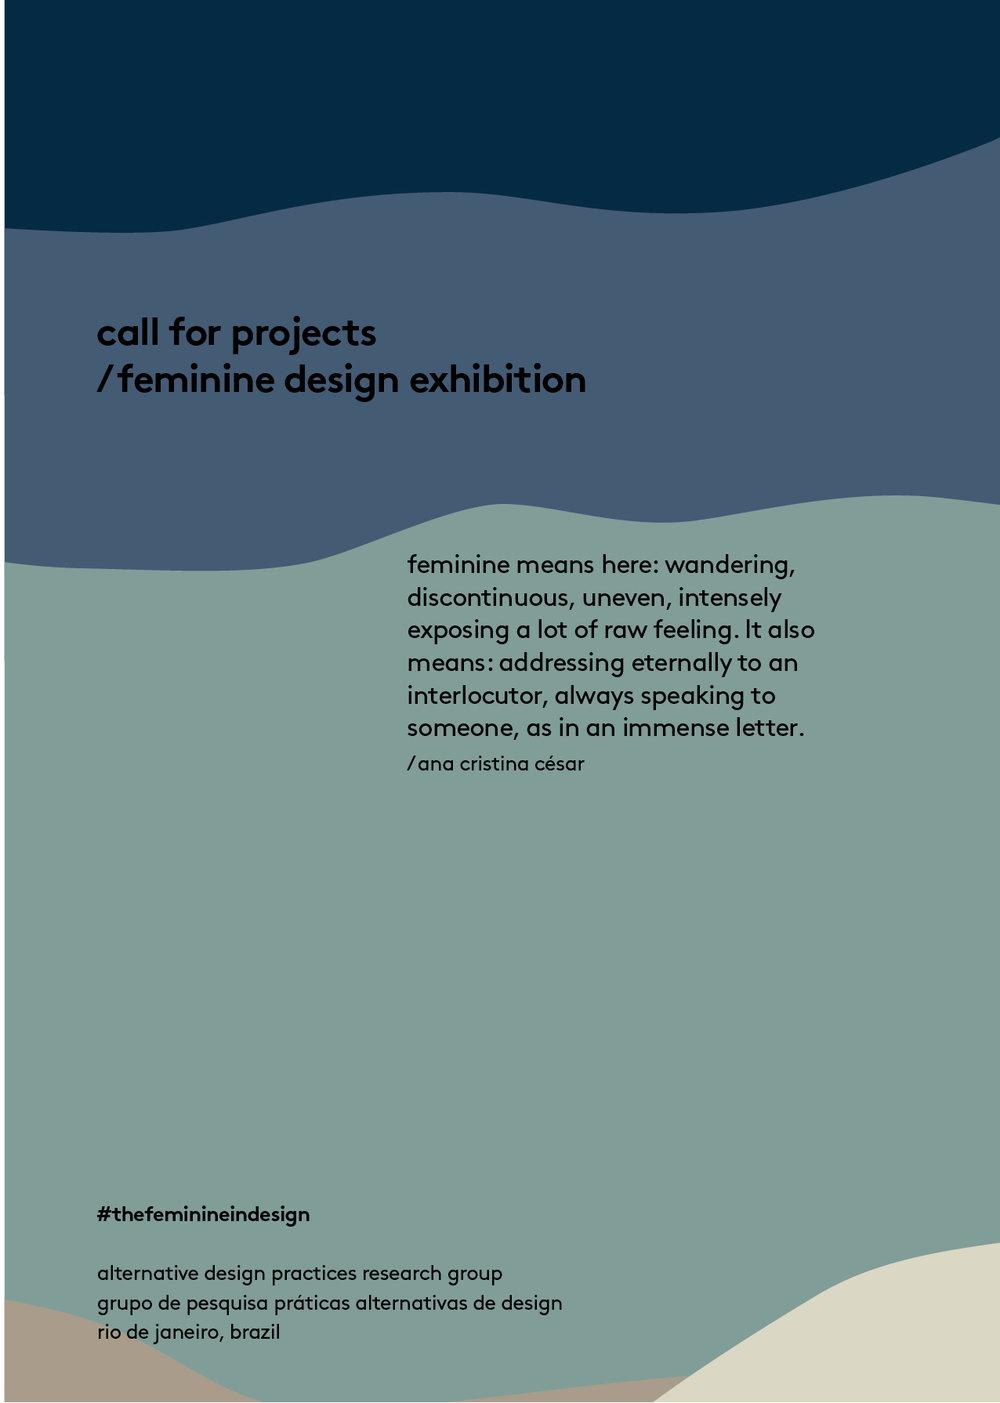 Feminine in design